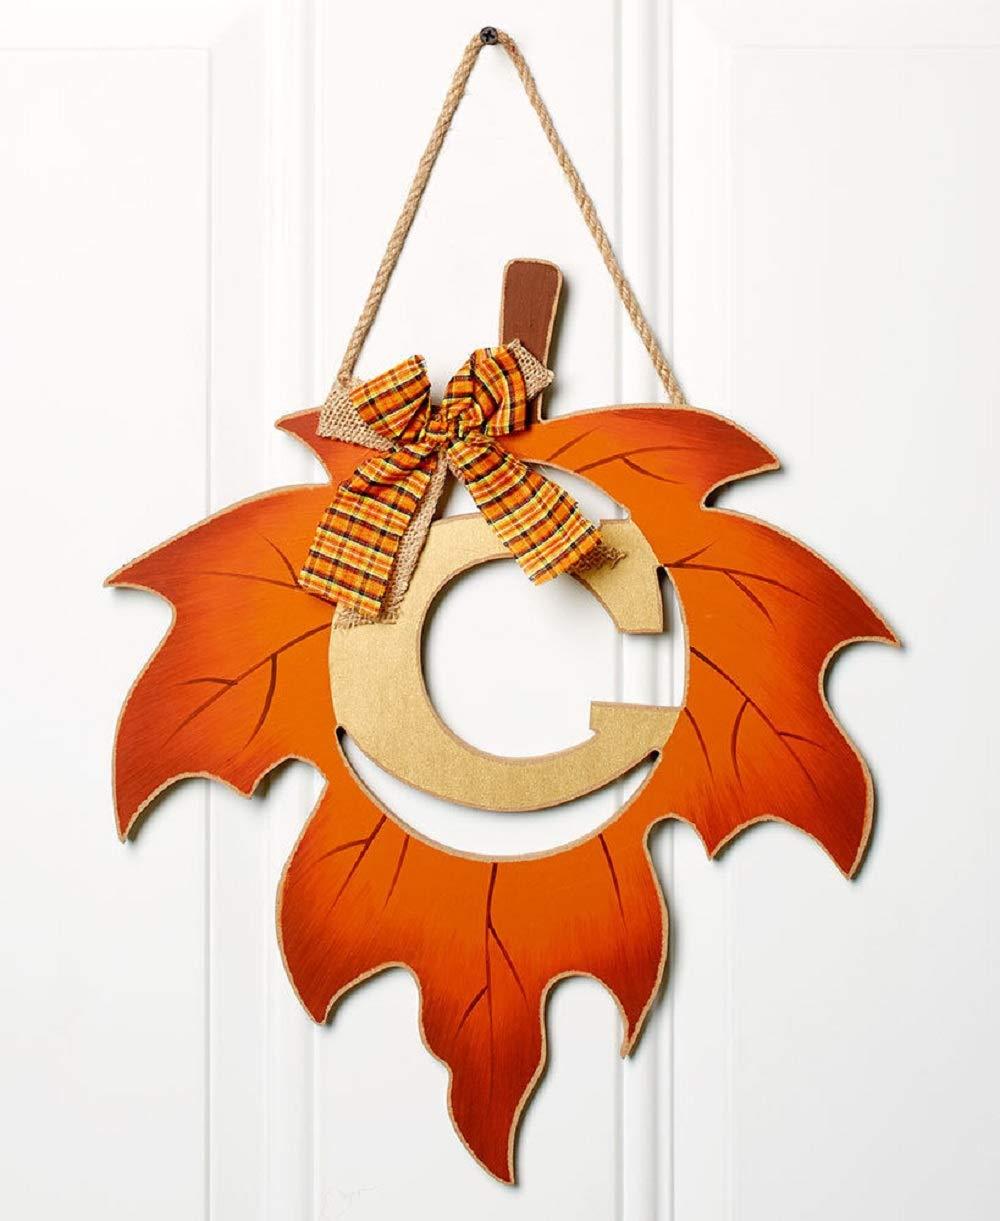 ginsengstone Harvest Leaf Monogram Letter C, Door Hanger Fall Thanksgiving Seasonal Home Decor